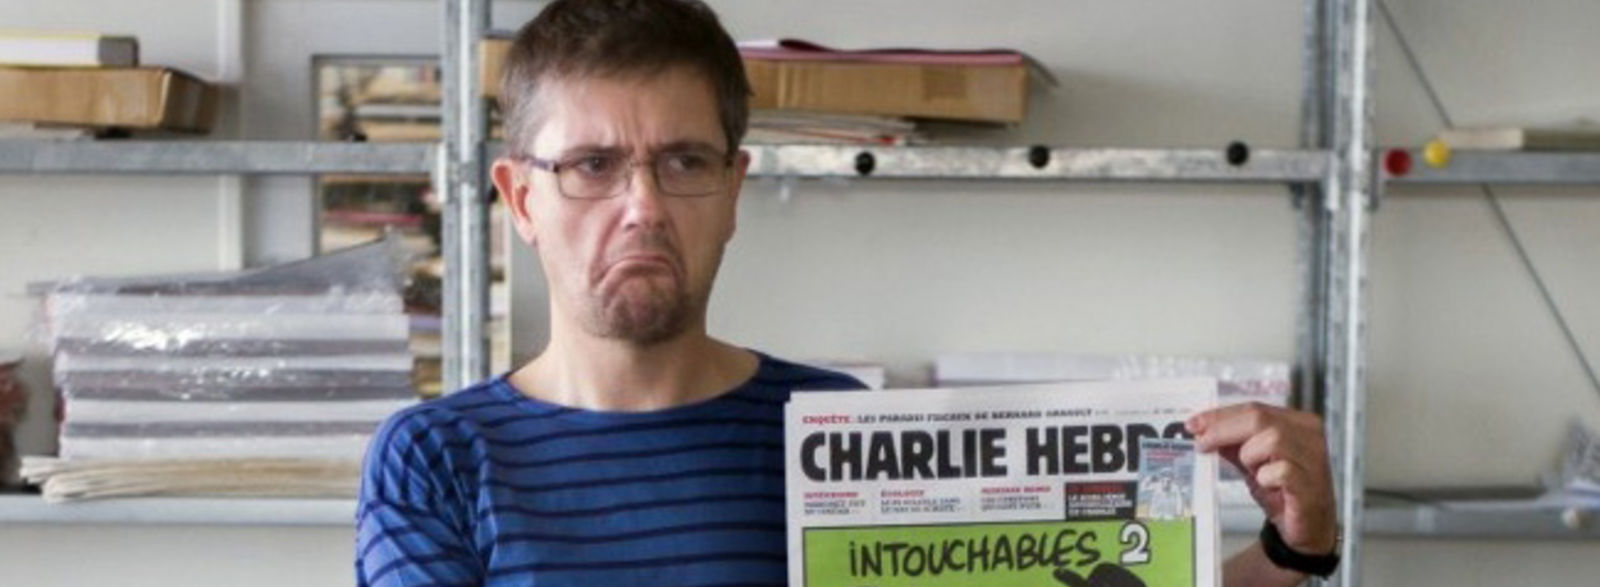 Charlie Hebdo : des  caricatures cyniques et désolantes